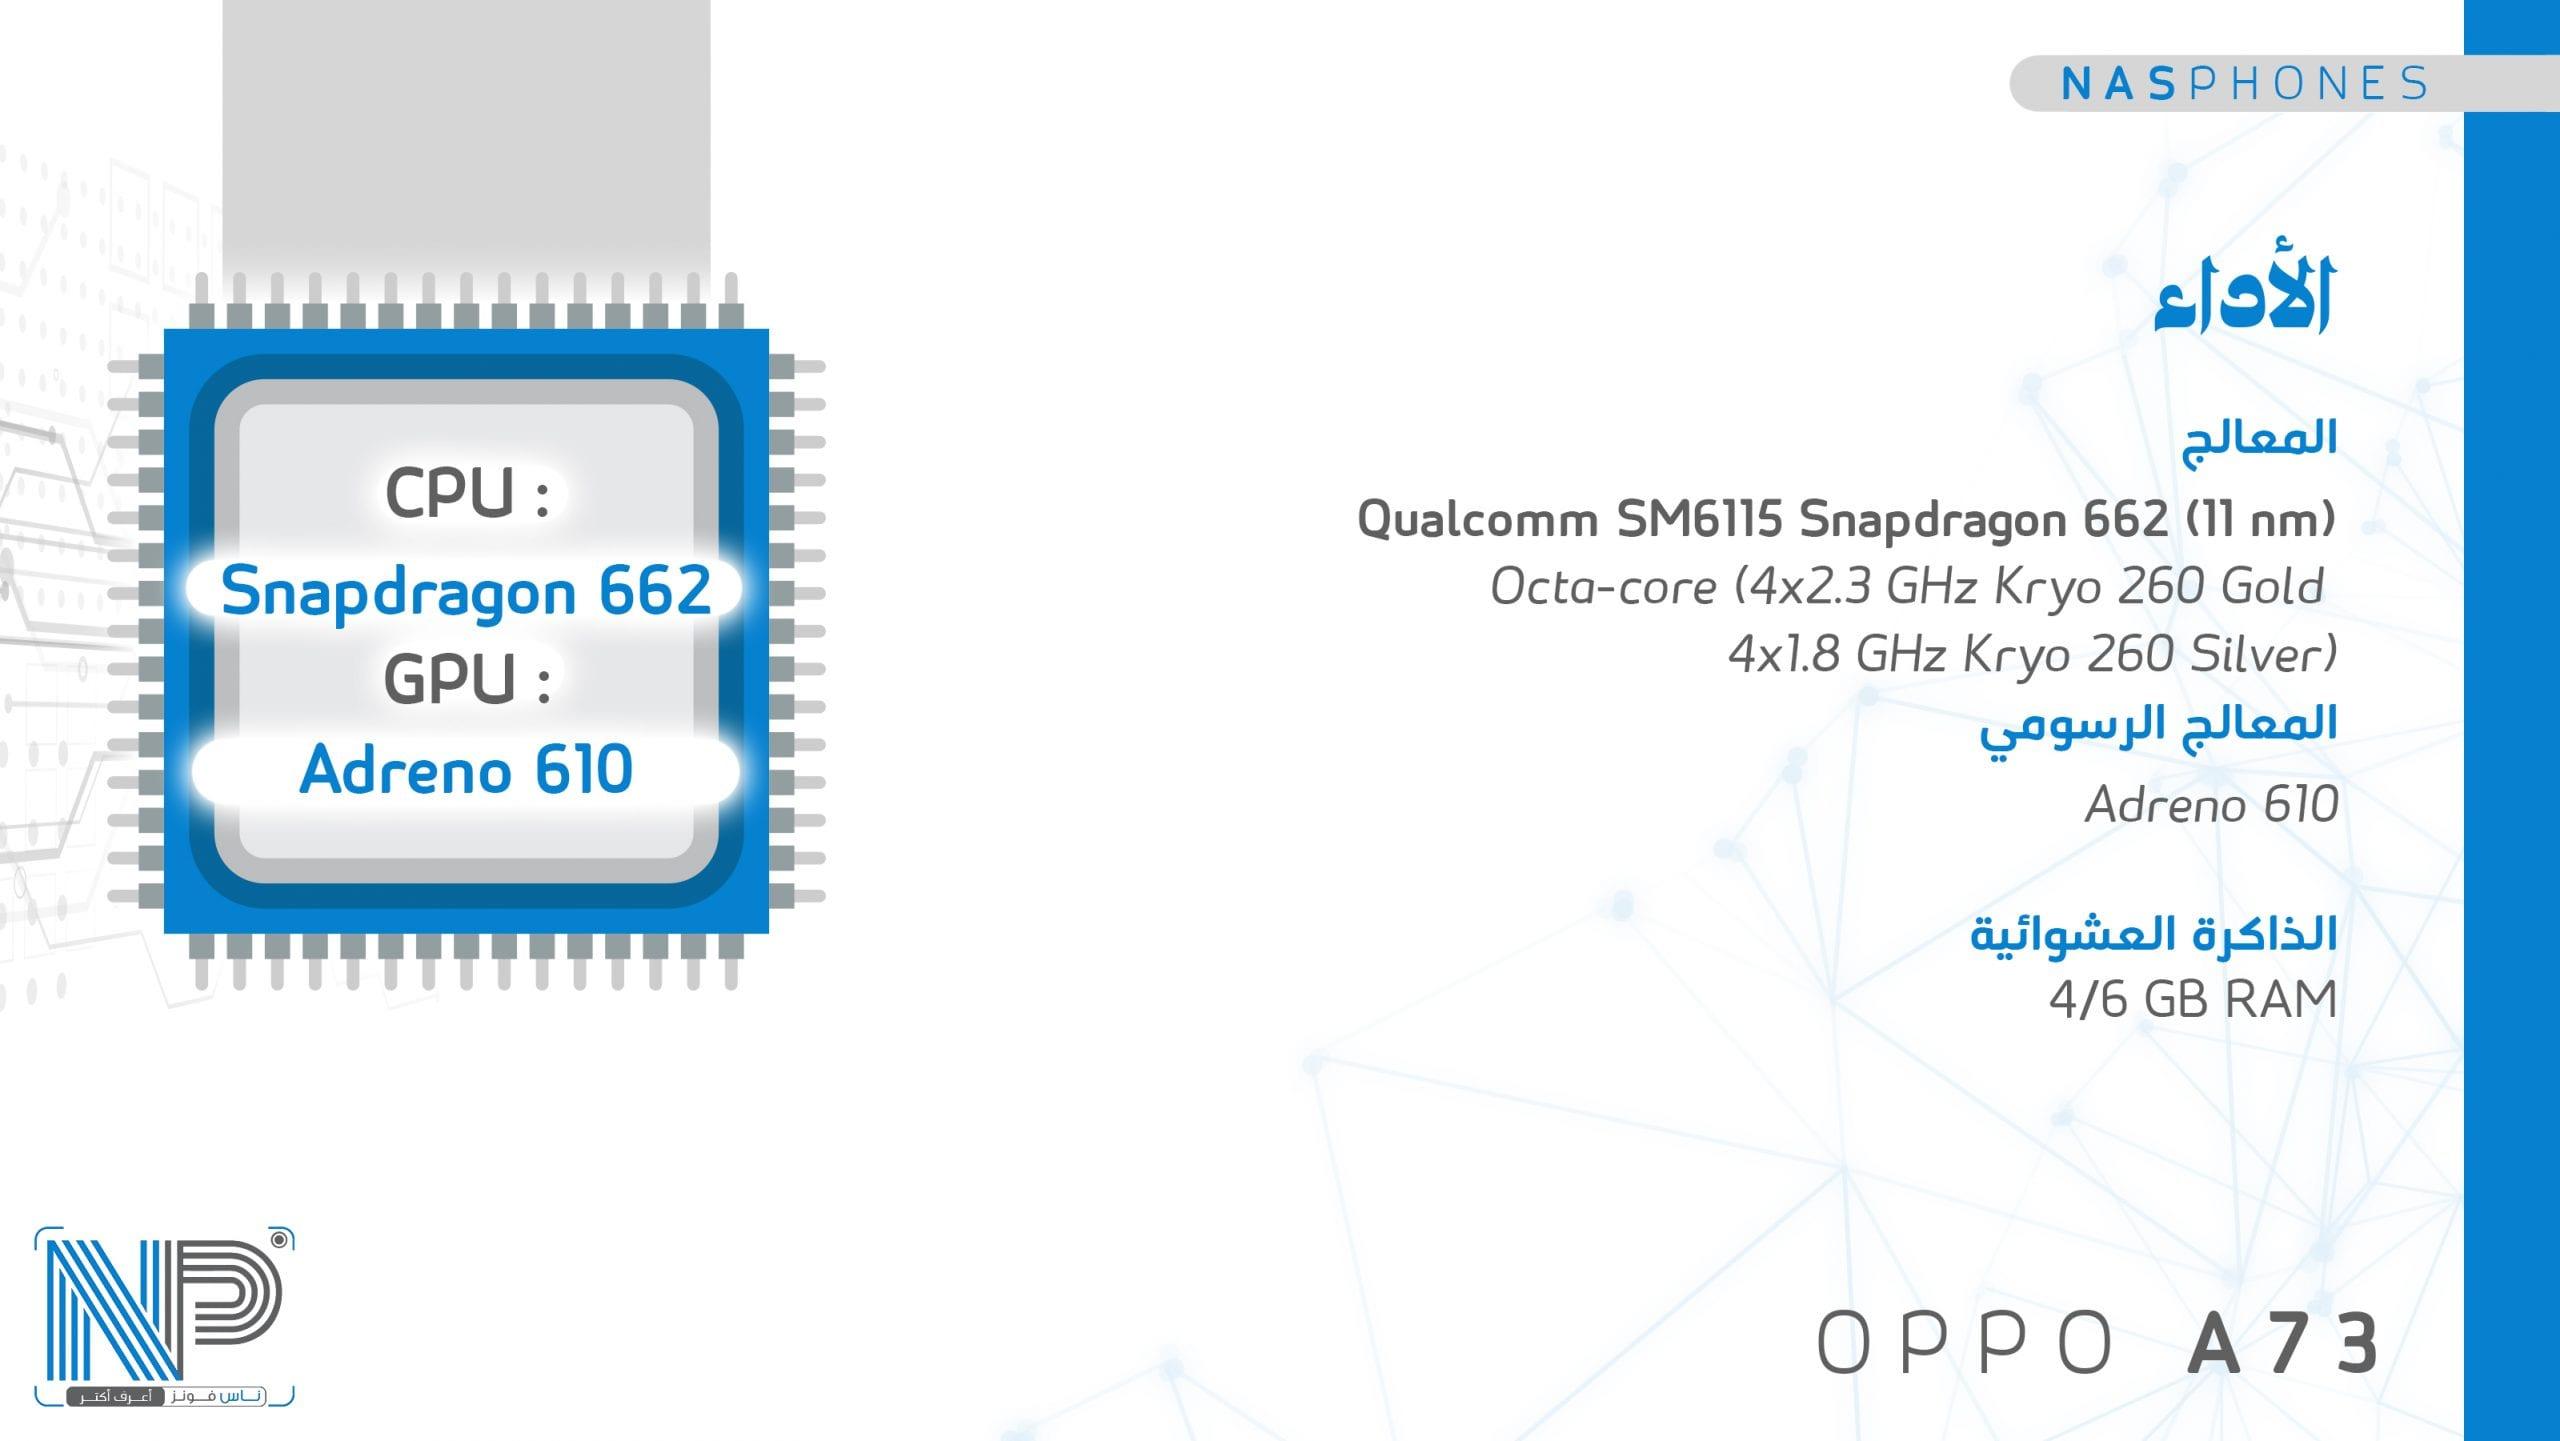 أداء موبايل Oppo A73